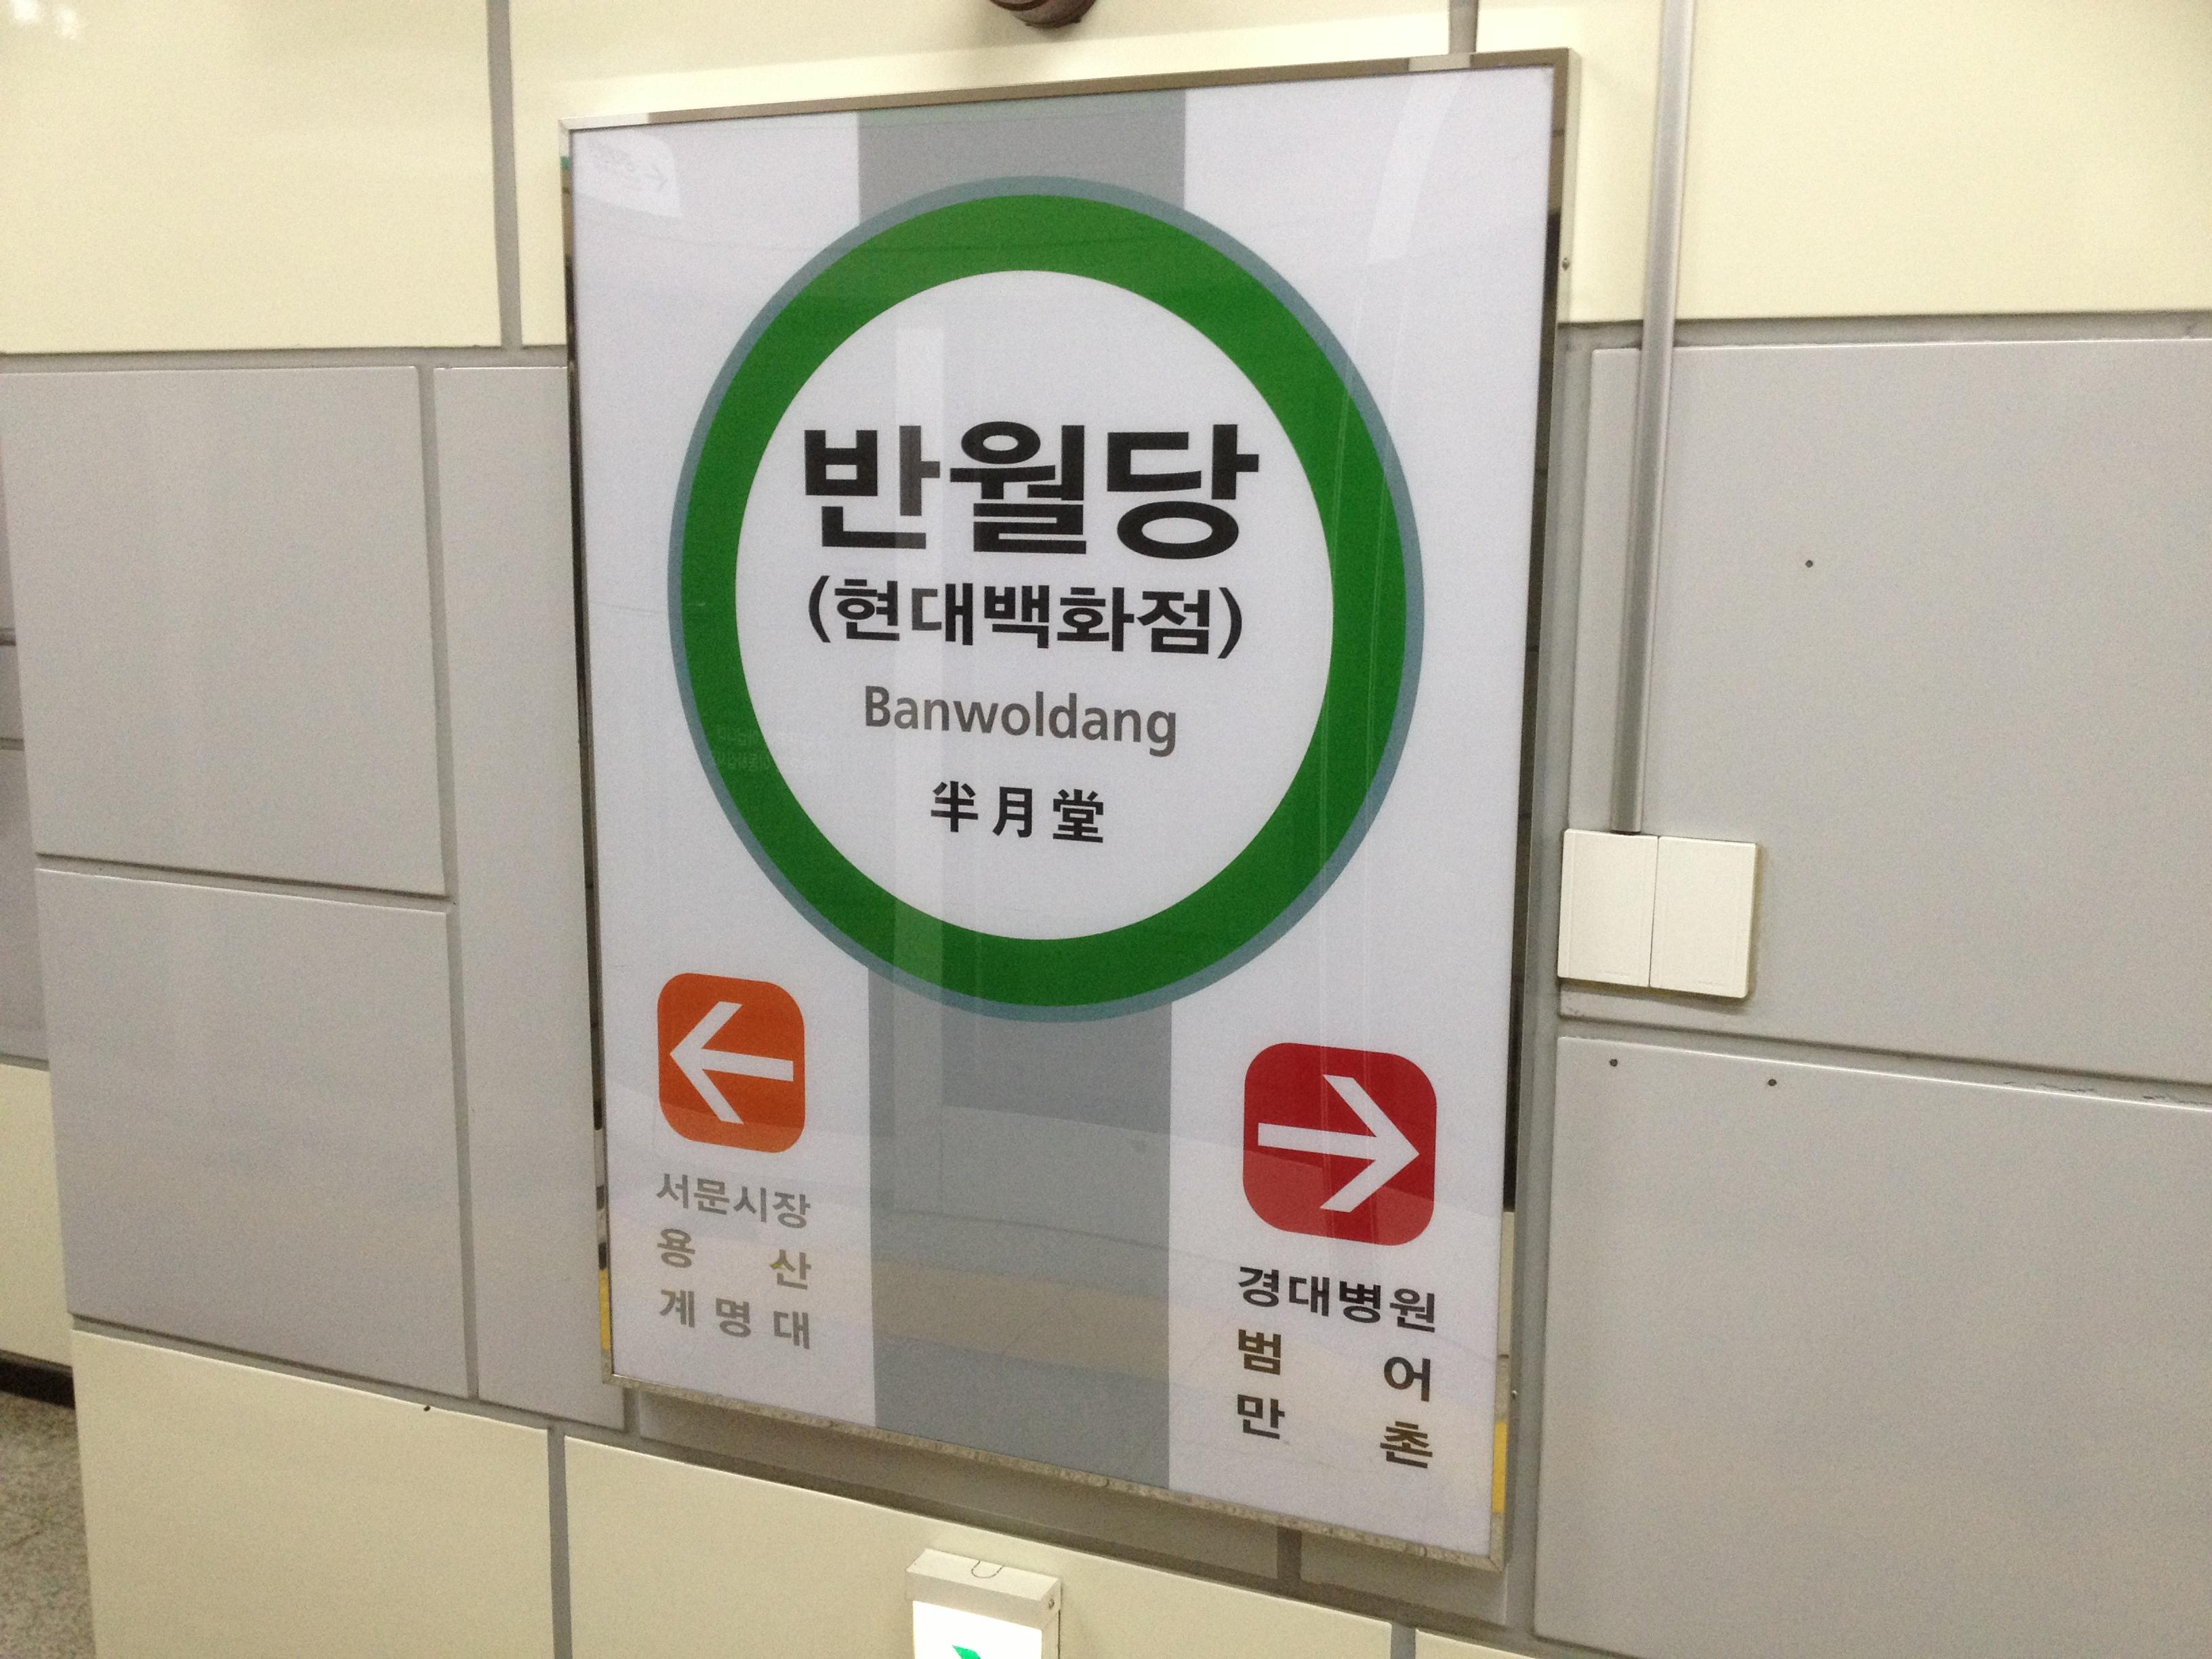 Banwoldang-DG2-Y.JPG